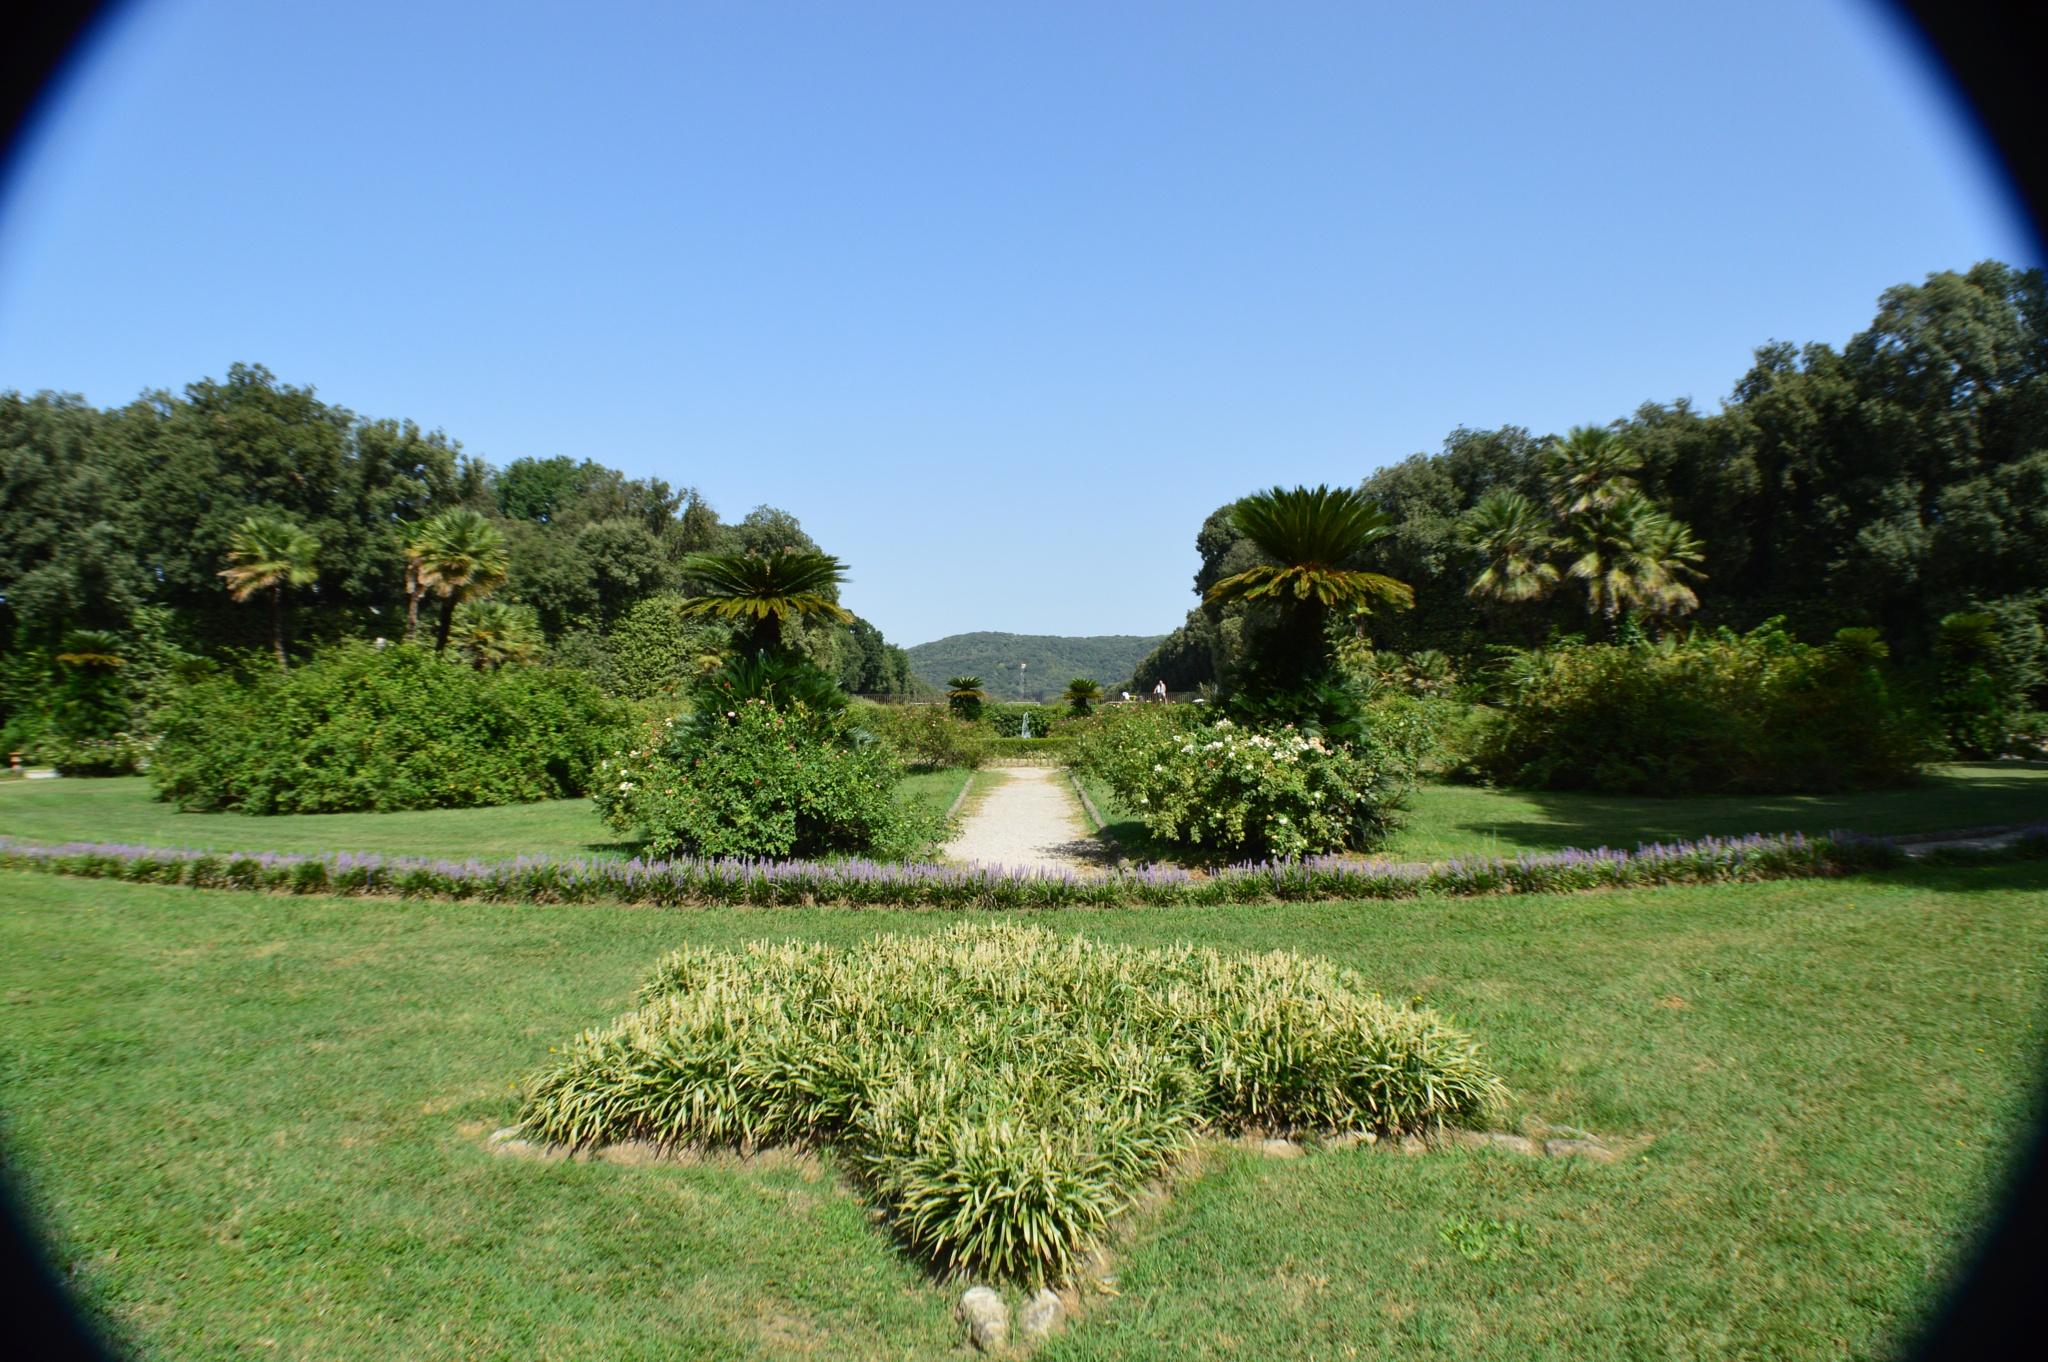 Giardini reali / Royal garden by Alessandro Deri